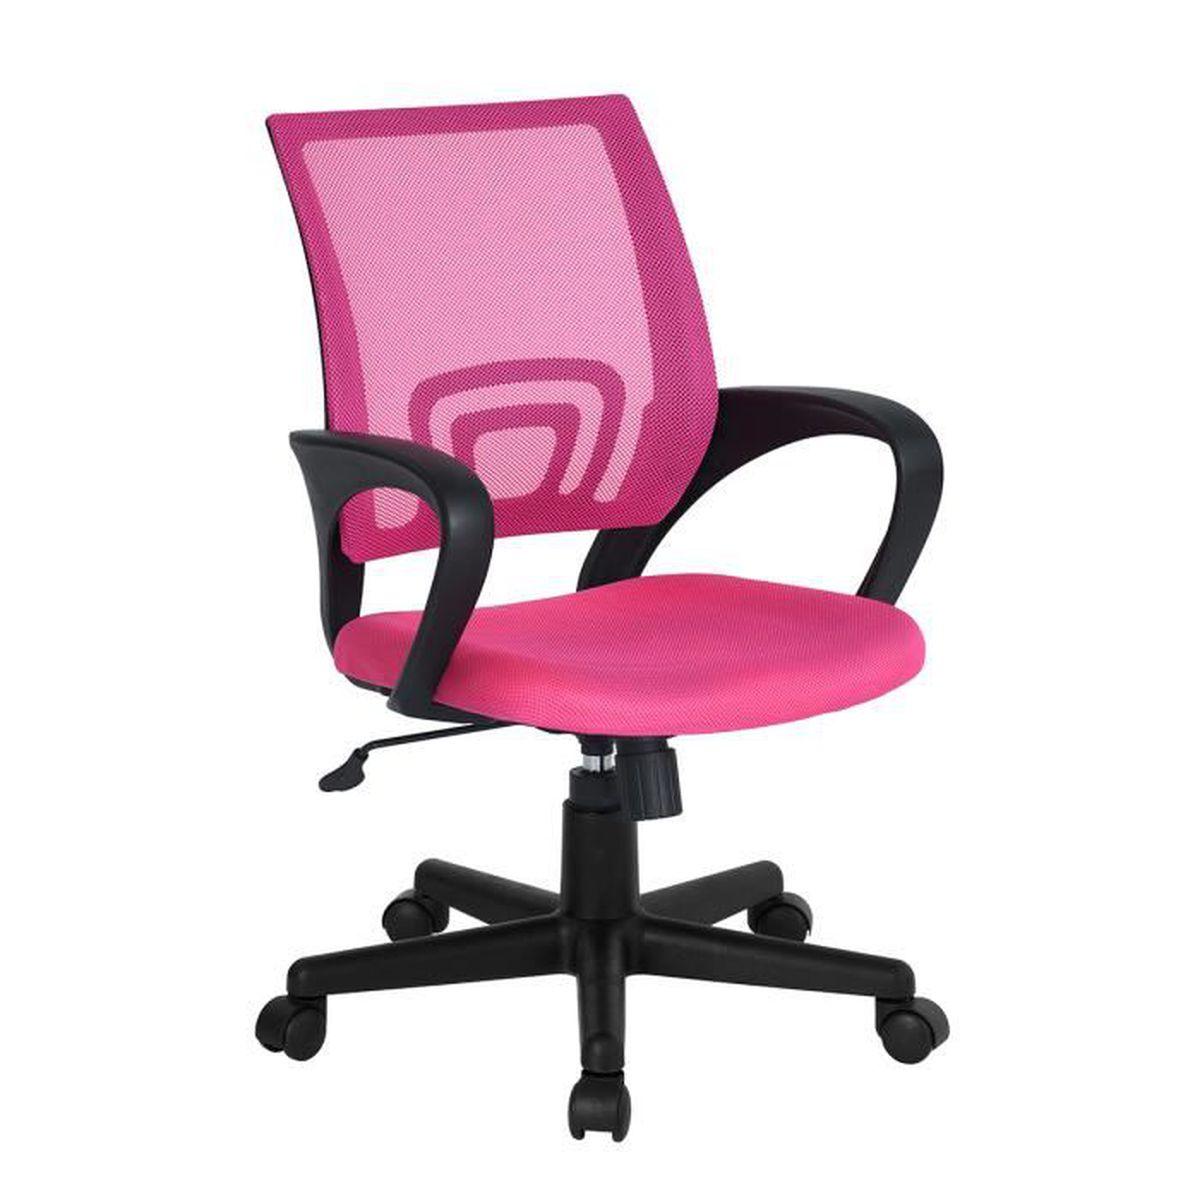 Chaise De Bureau Rose Avec Accoudoir